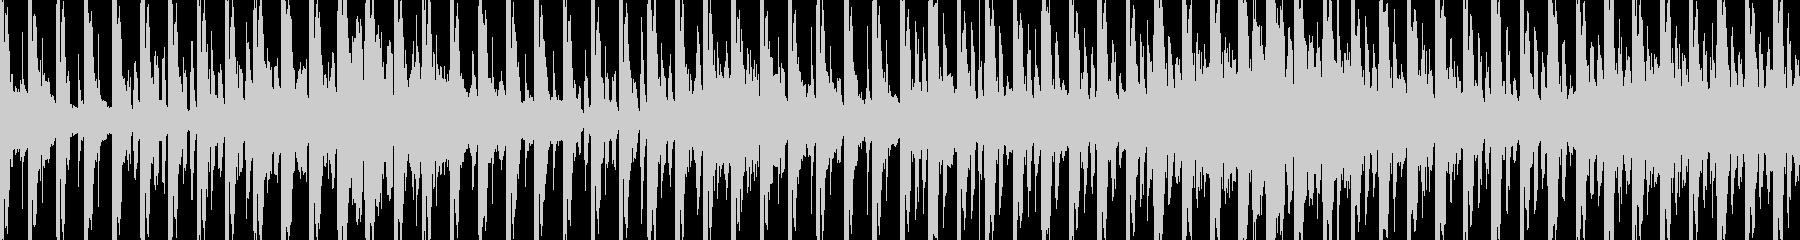 デヴィッドゲッタ、DJアントワーヌ...の未再生の波形